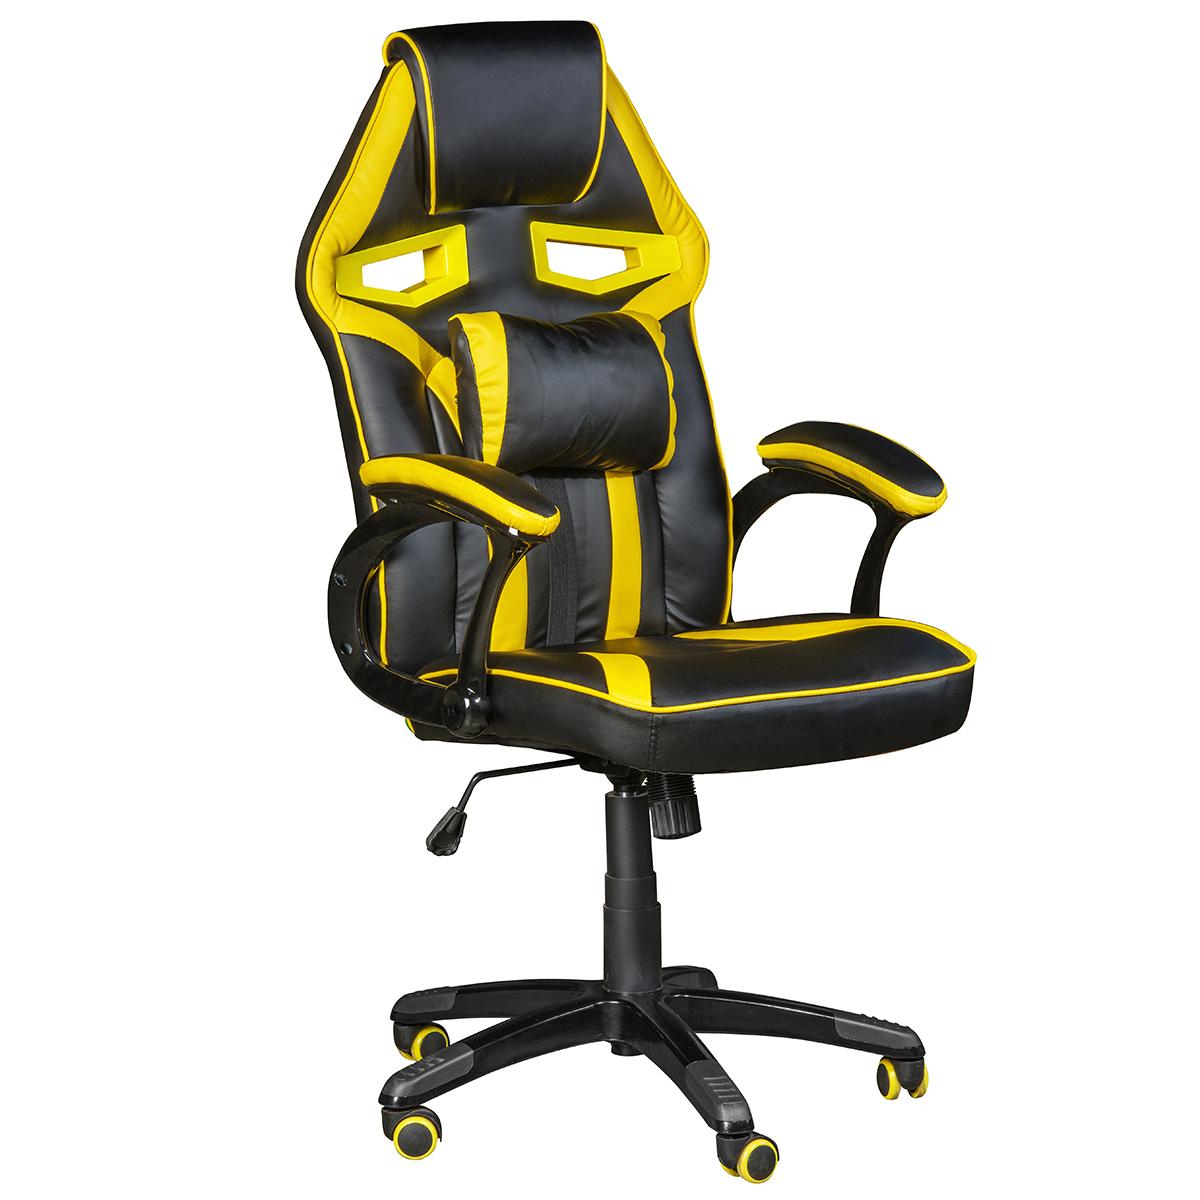 Кресло игровое Costway, ZK8066YE, черный, желтый компьютерные кресла и стулья